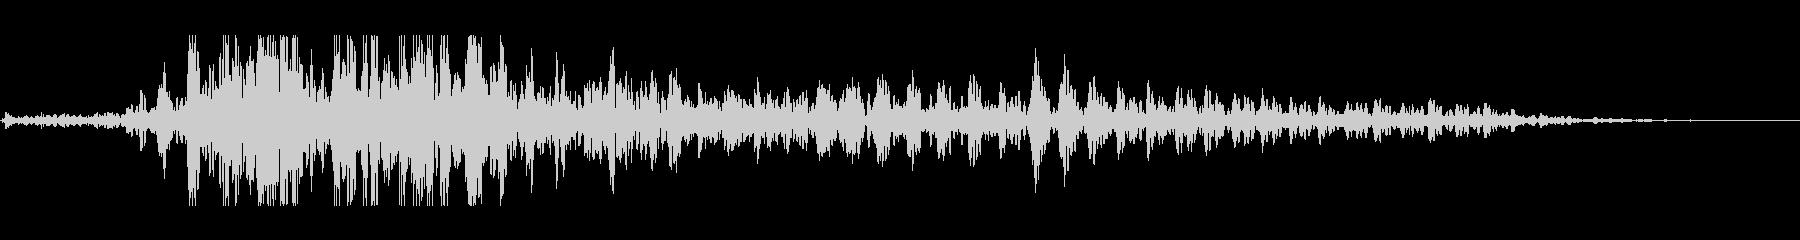 ガァゥフゥの未再生の波形